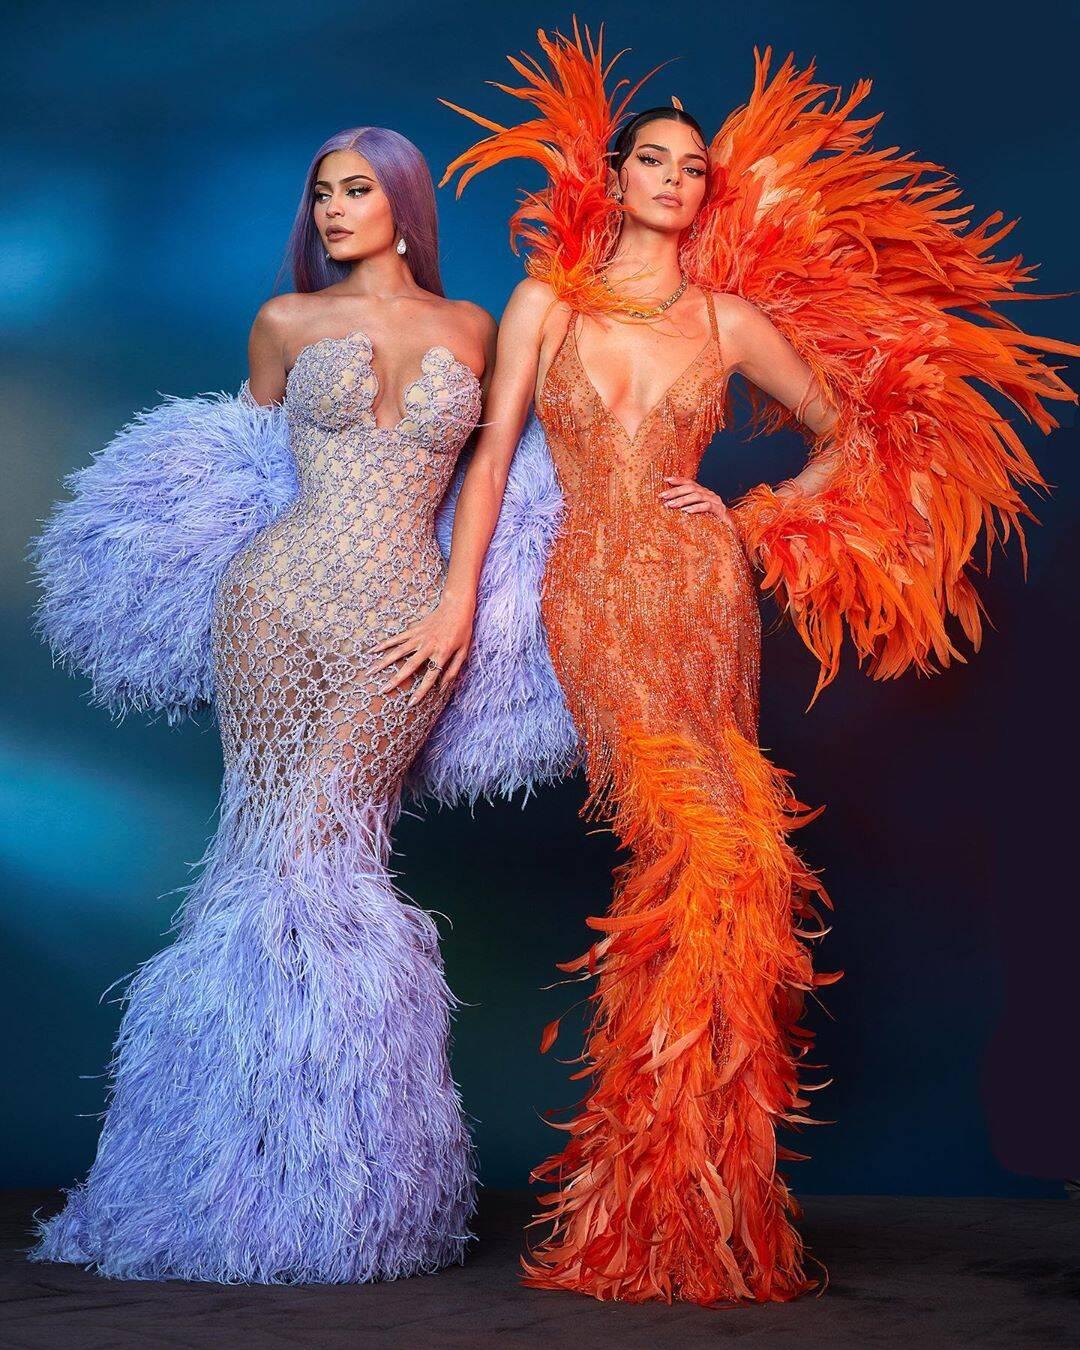 Kyllie e Kendall Jenner no MET Gala 2019 / Foto: Reprodução Instagram